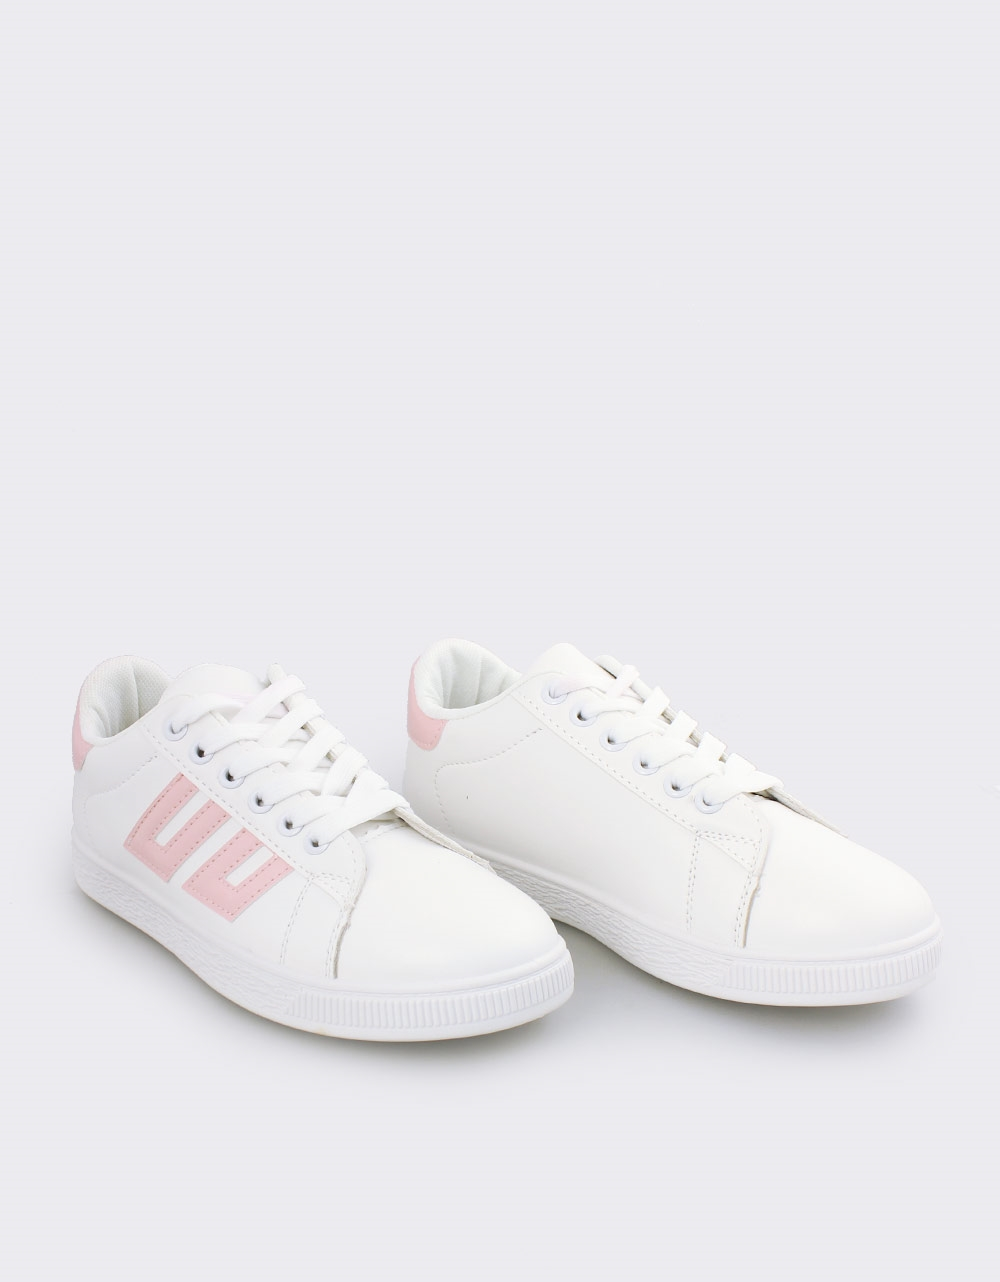 Εικόνα από Γυναικεία sneakers με λεπτομέρειες Λευκό/Ροζ